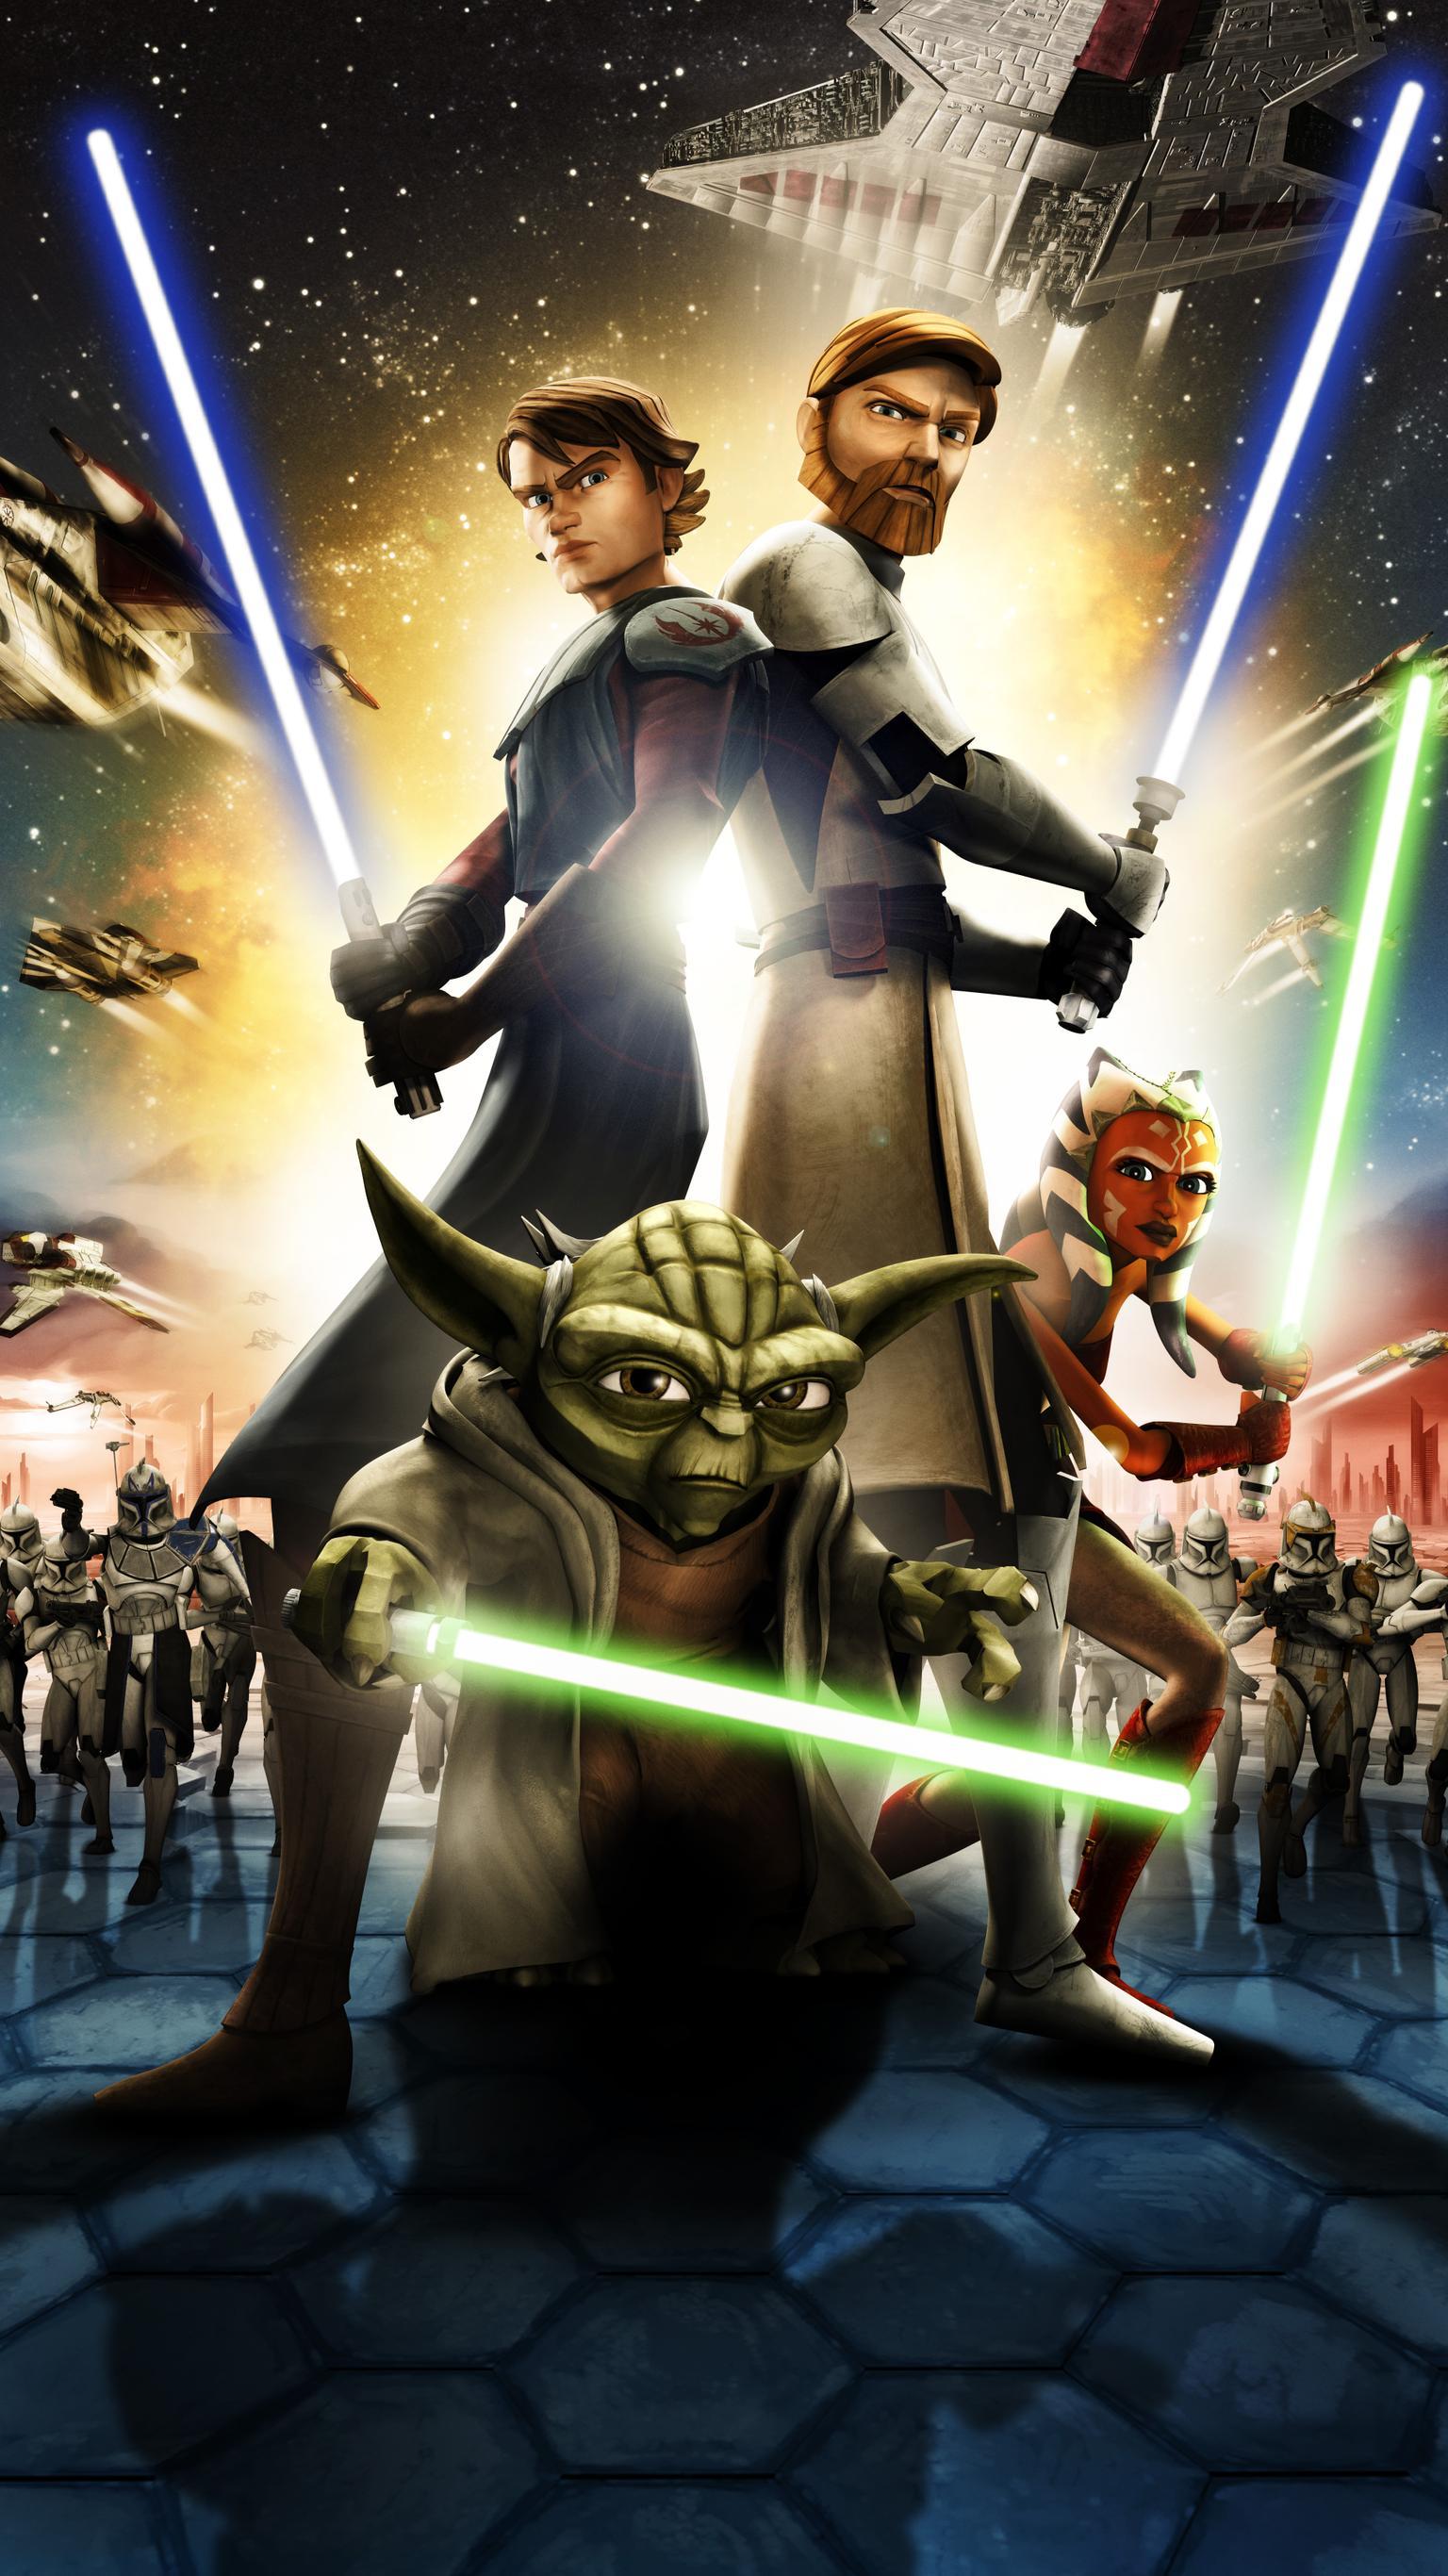 Star Wars Clone Wars Wallpaper Posted By John Walker